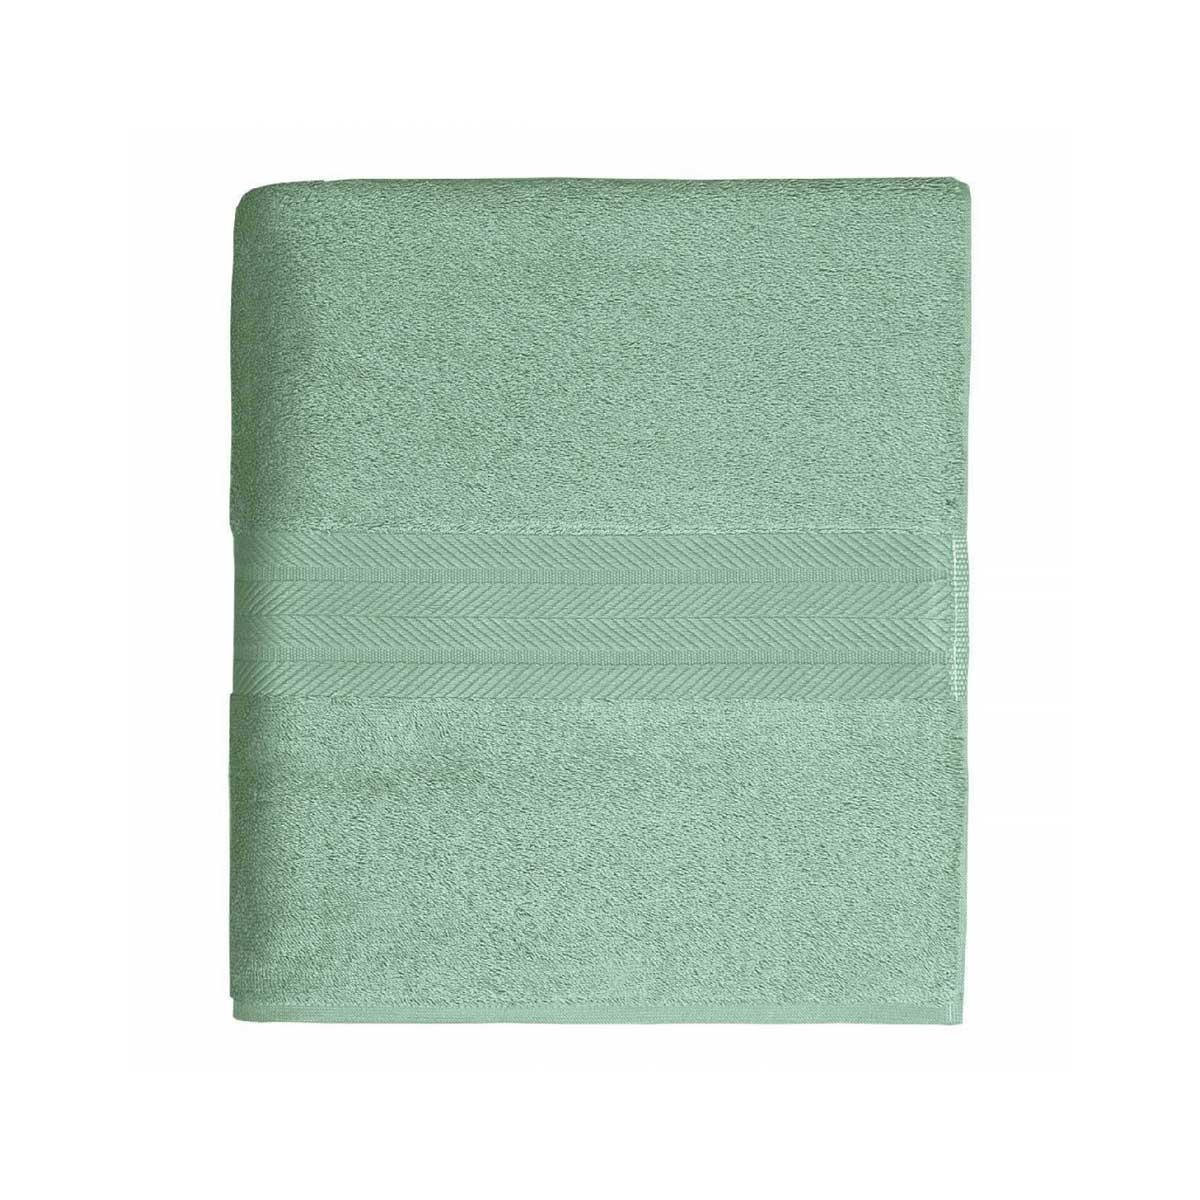 Linge de bain en coton moelleux 550gr/m² - Céladon - 70 x 140 cm